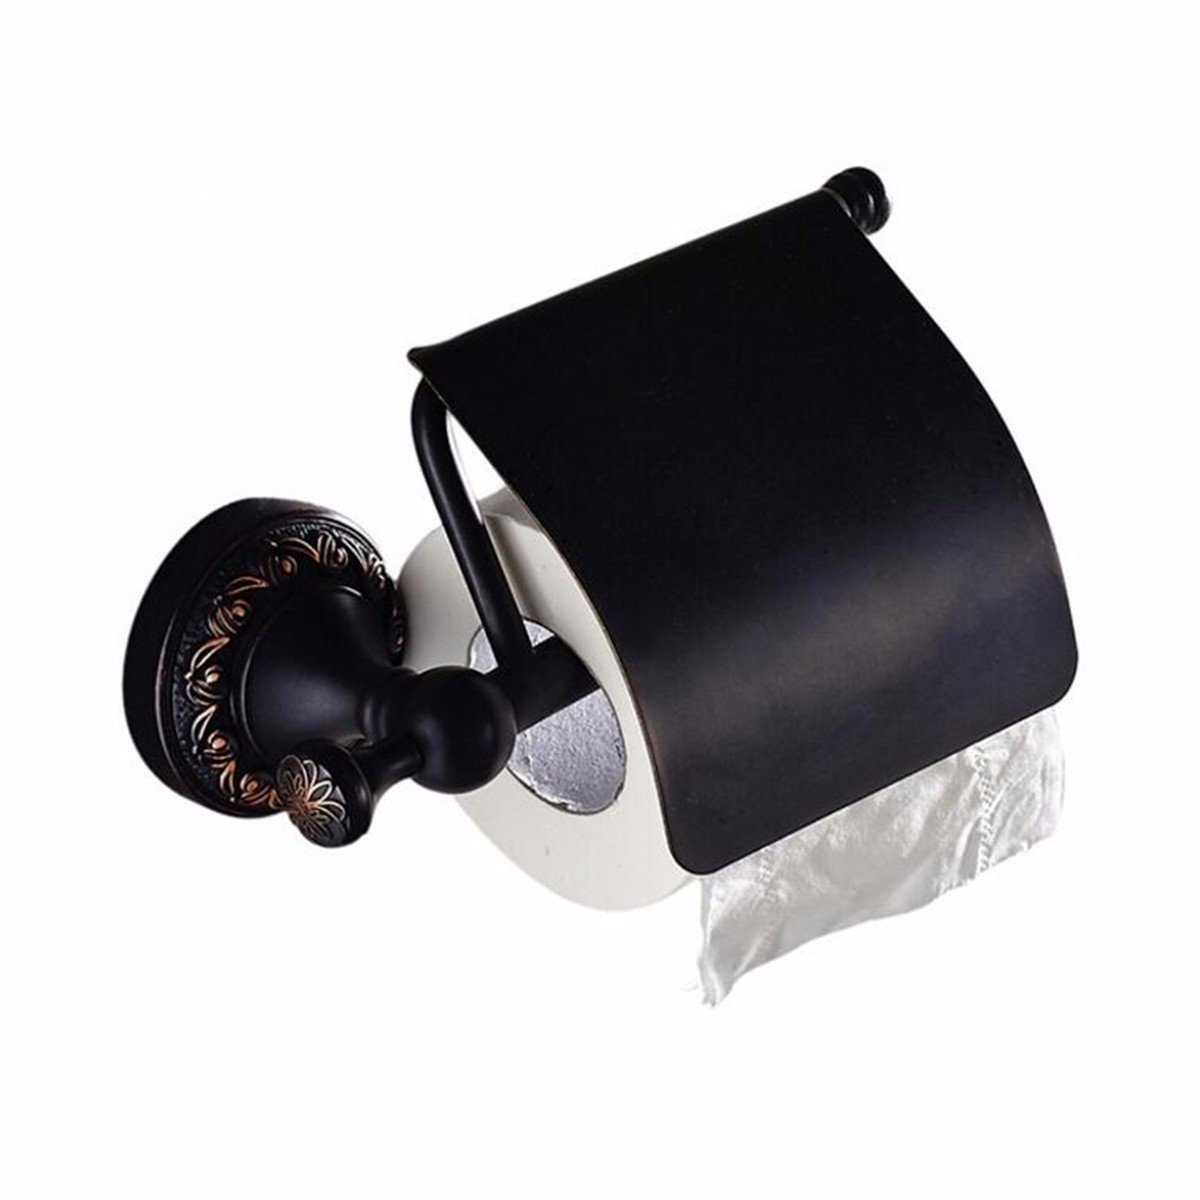 SJQKA Toilet Paper Holders European Bath Full Copper Black Antique Paper Towel Box Roll Paper Frame Toilet Paper Box Toilet Toilet Black Bronze Paper Towel Rack,B